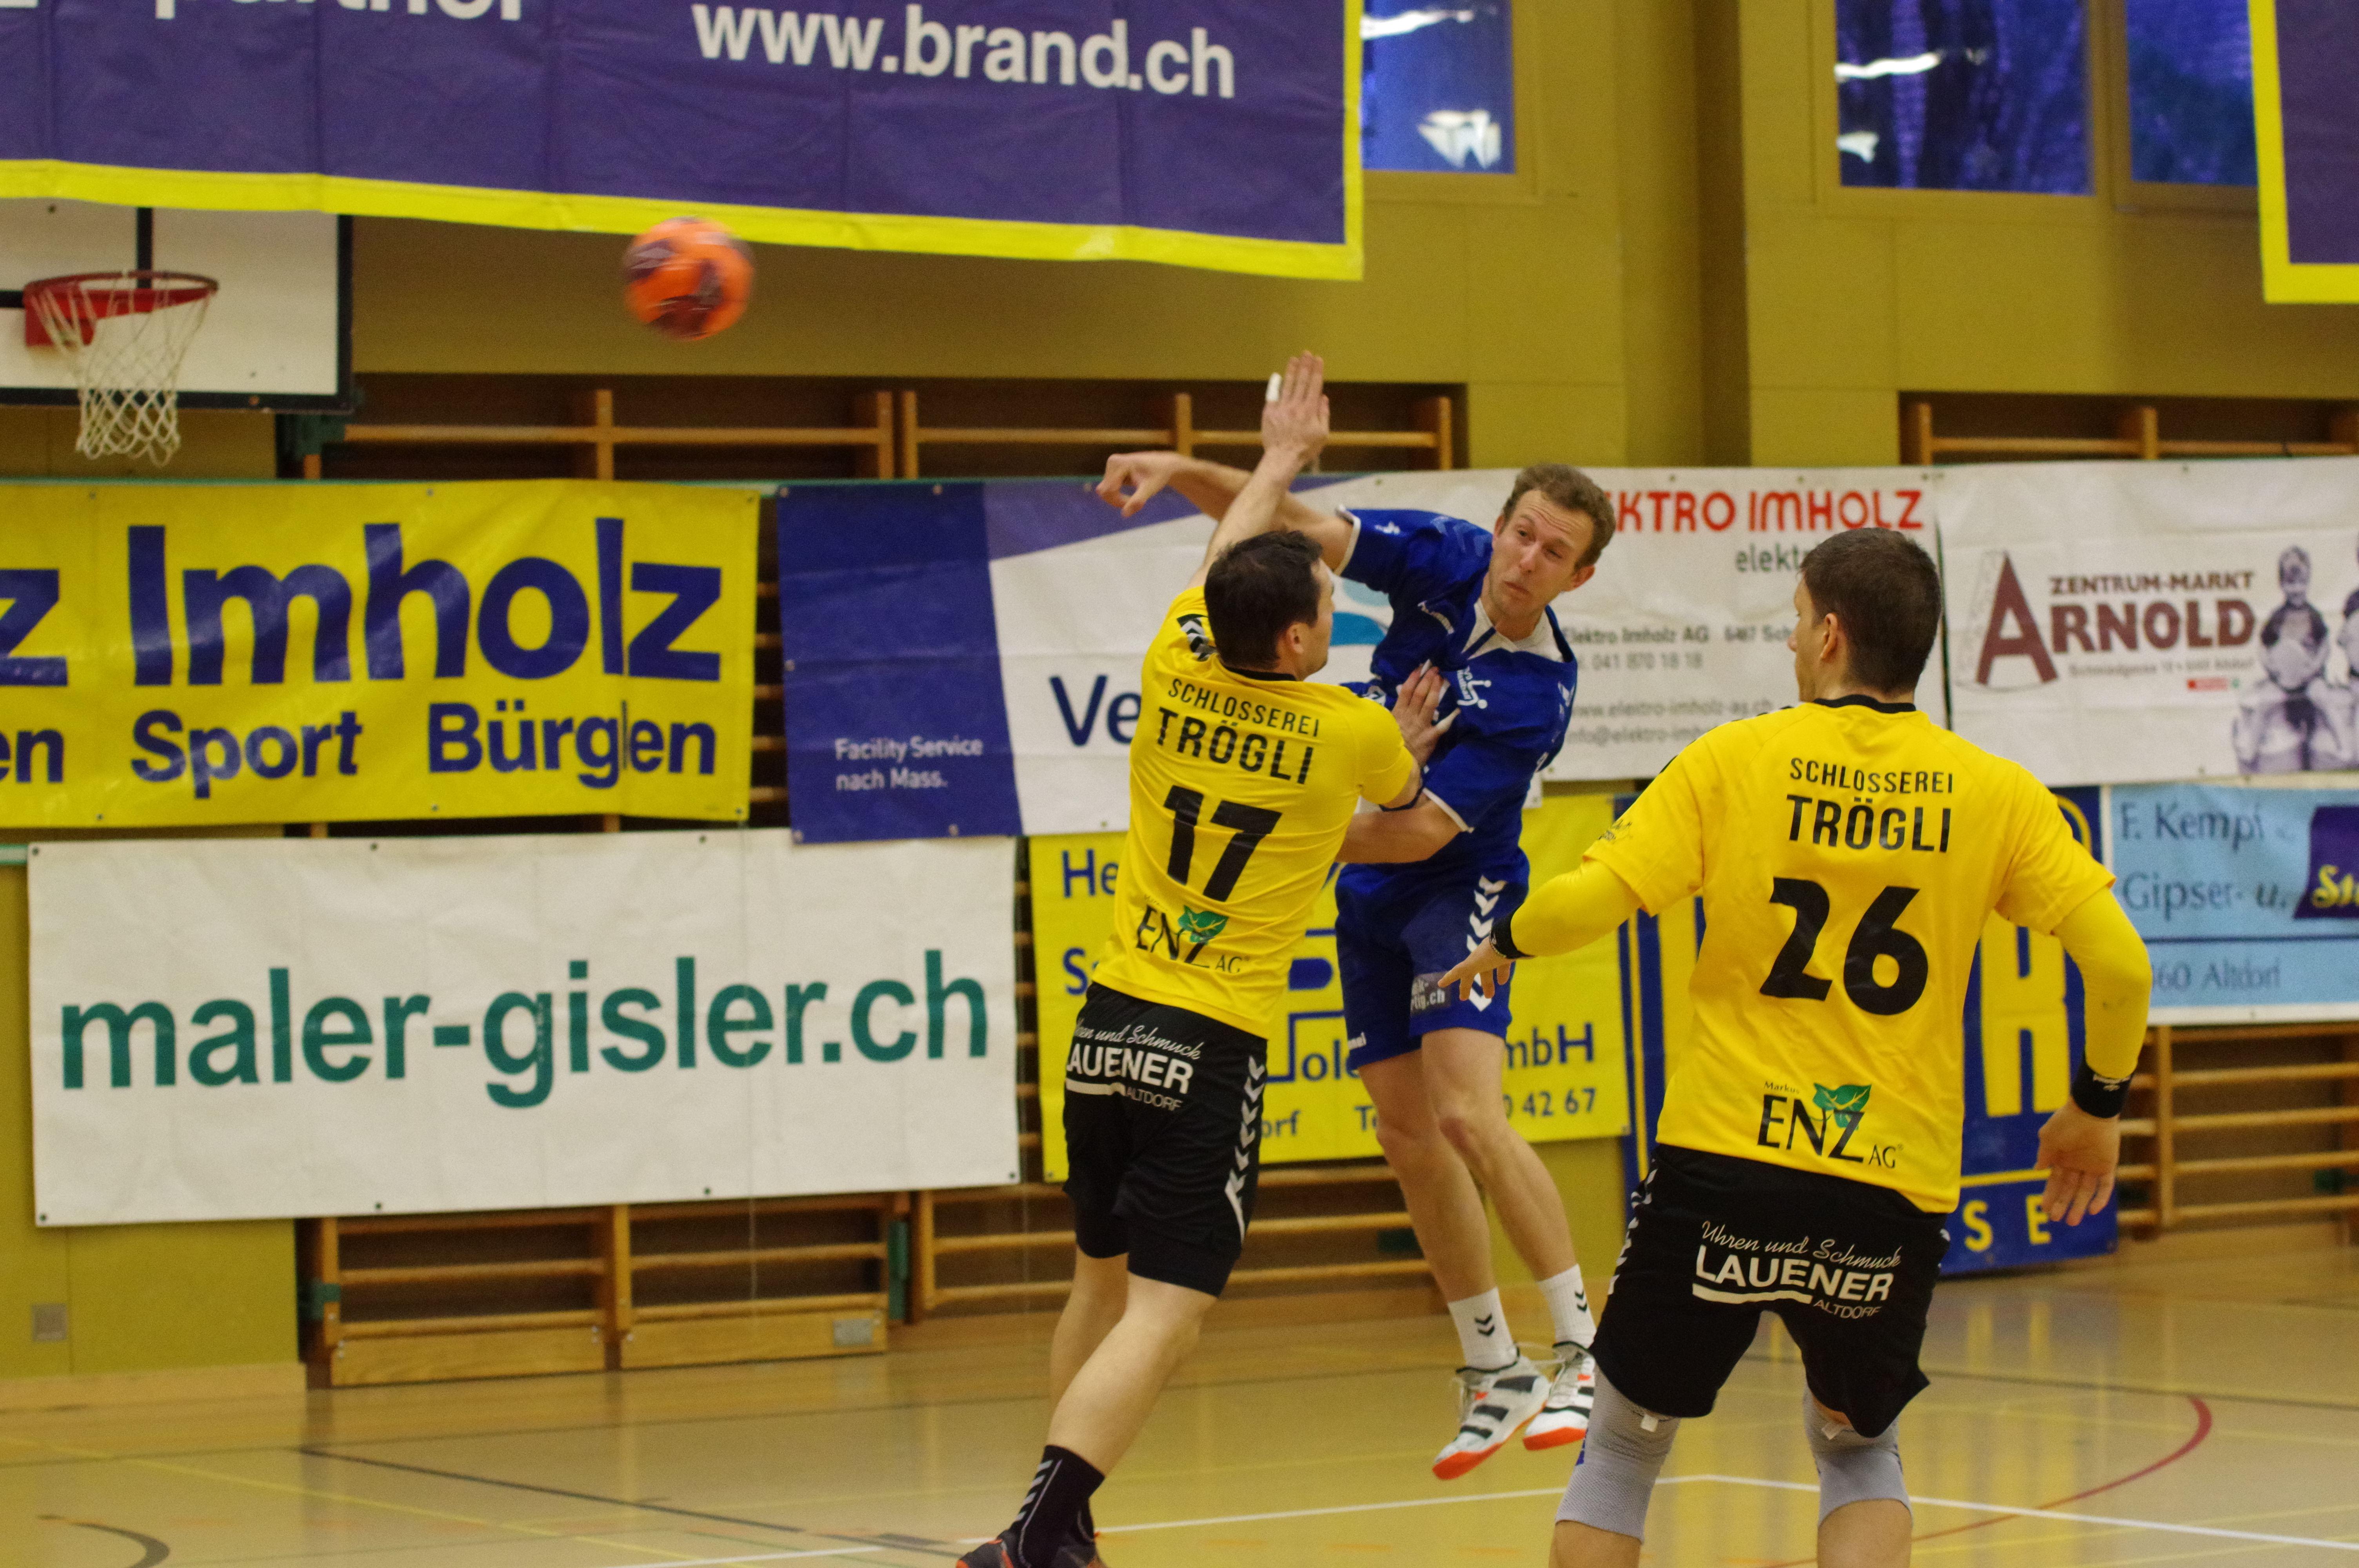 Grandioser Sieg in Altdorf